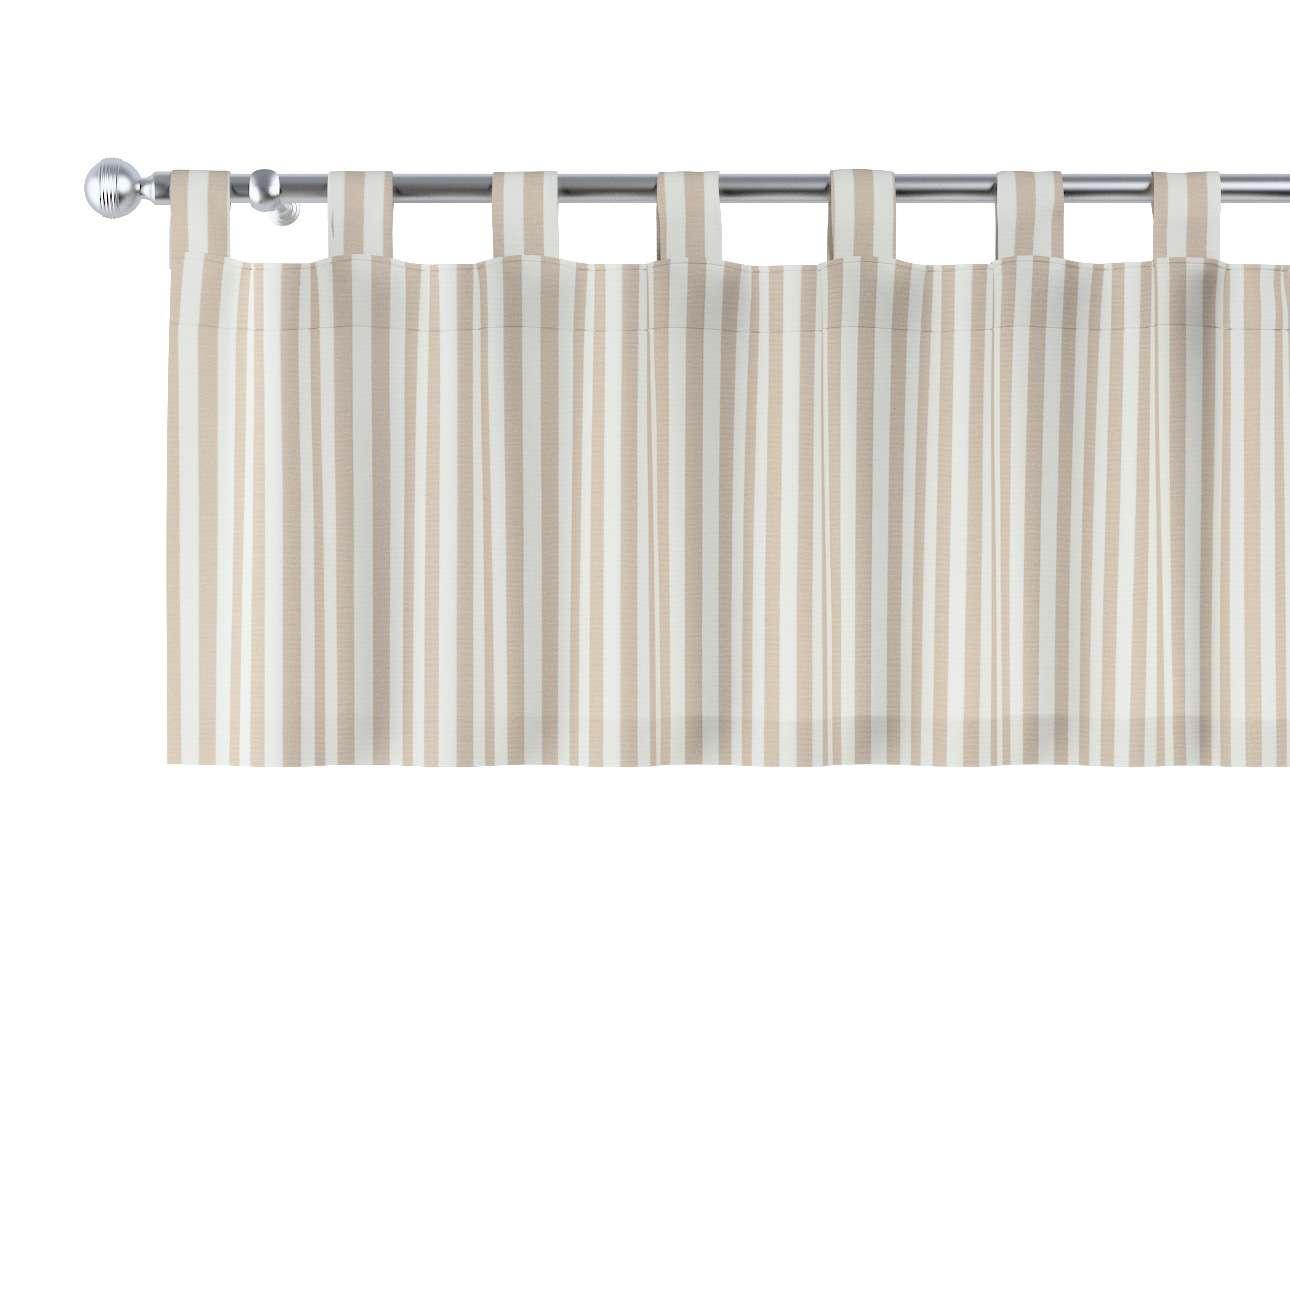 Kurzgardine mit Schlaufen 130x40cm von der Kollektion Quadro, Stoff: 136-07